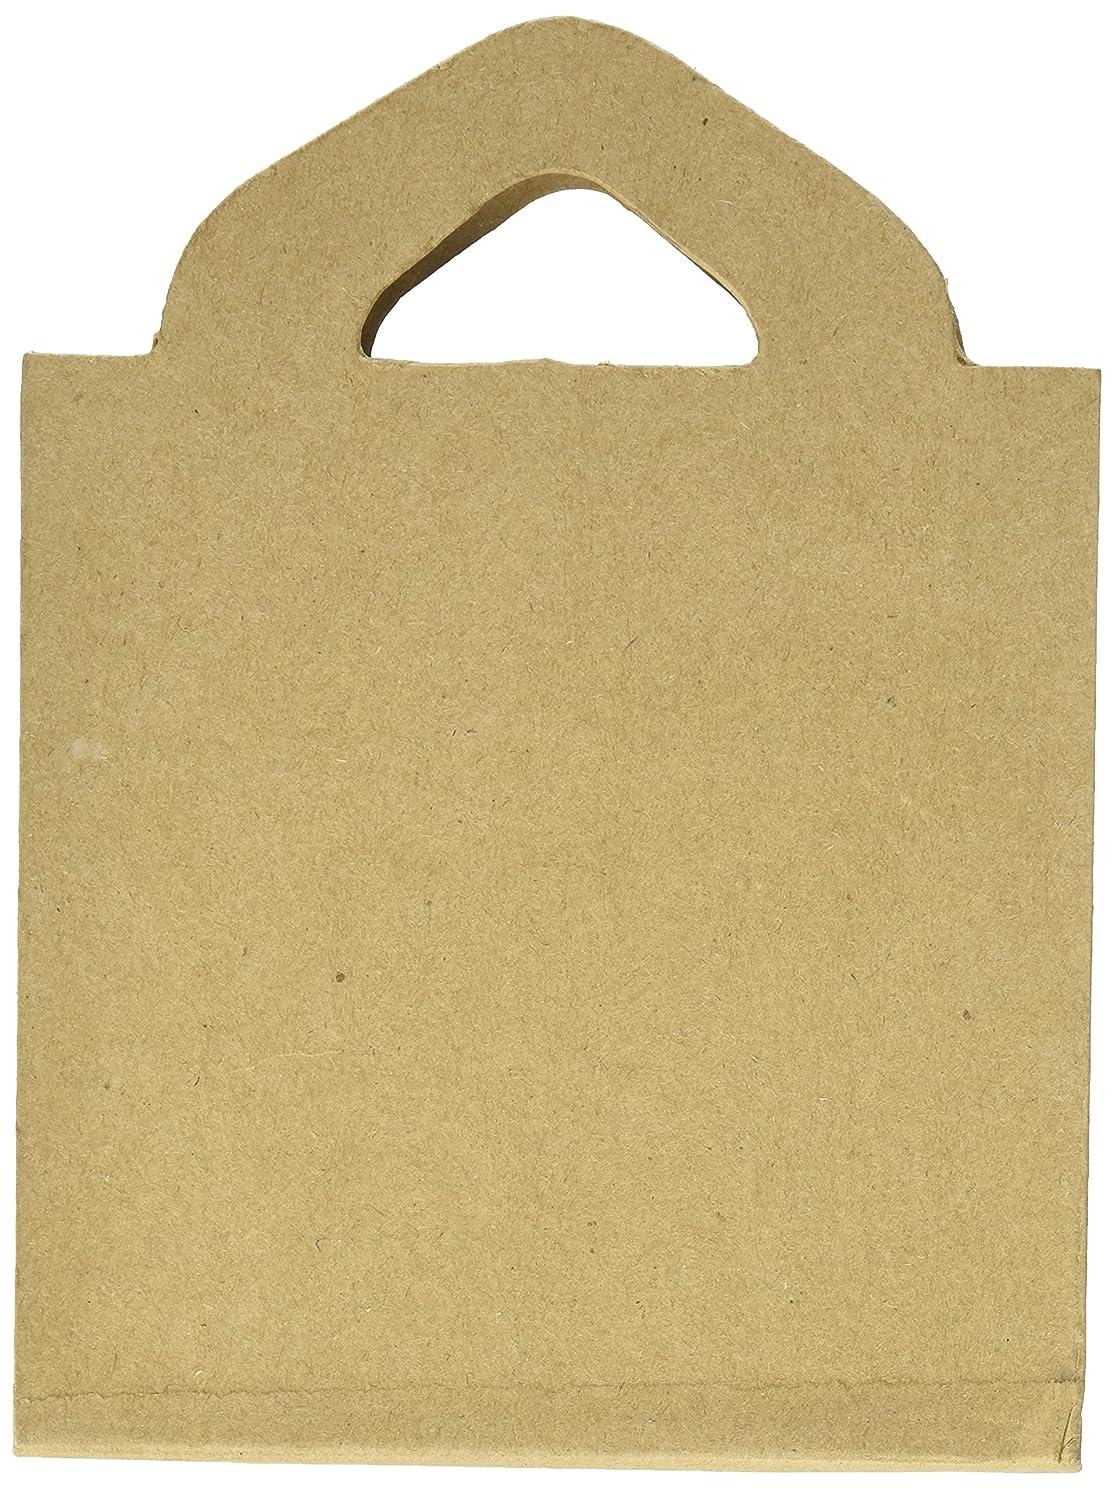 Craft Ped Paper CPL1009460 Mache Book 6